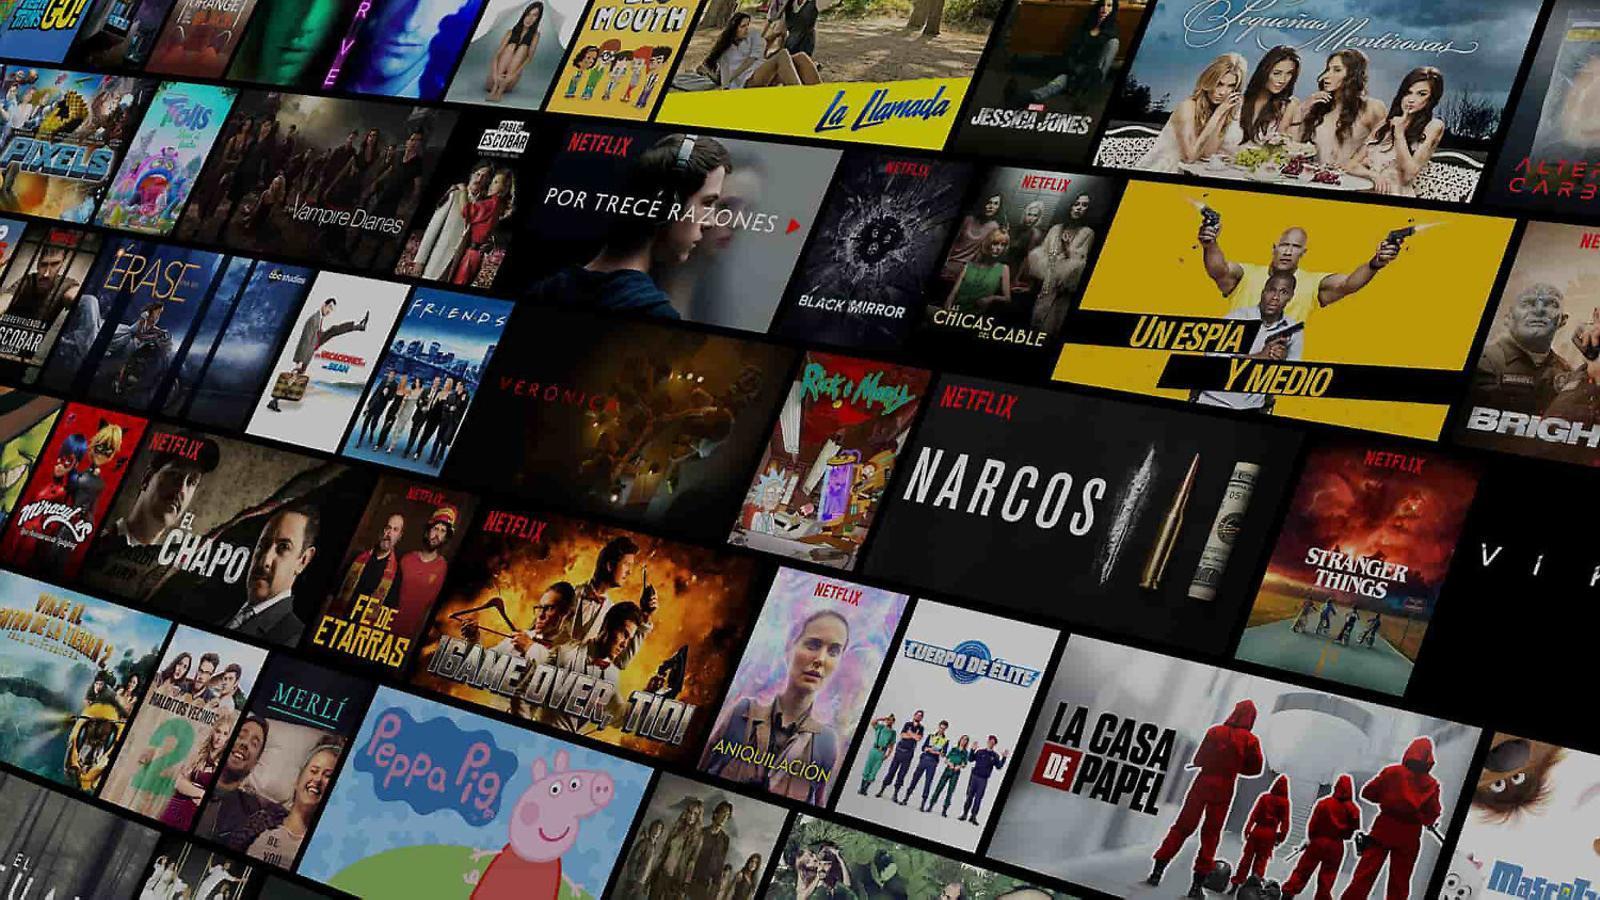 La UE aprova formalment les normes que obliguen les plataformes de 'streaming' a oferir un 30% de continguts europeus